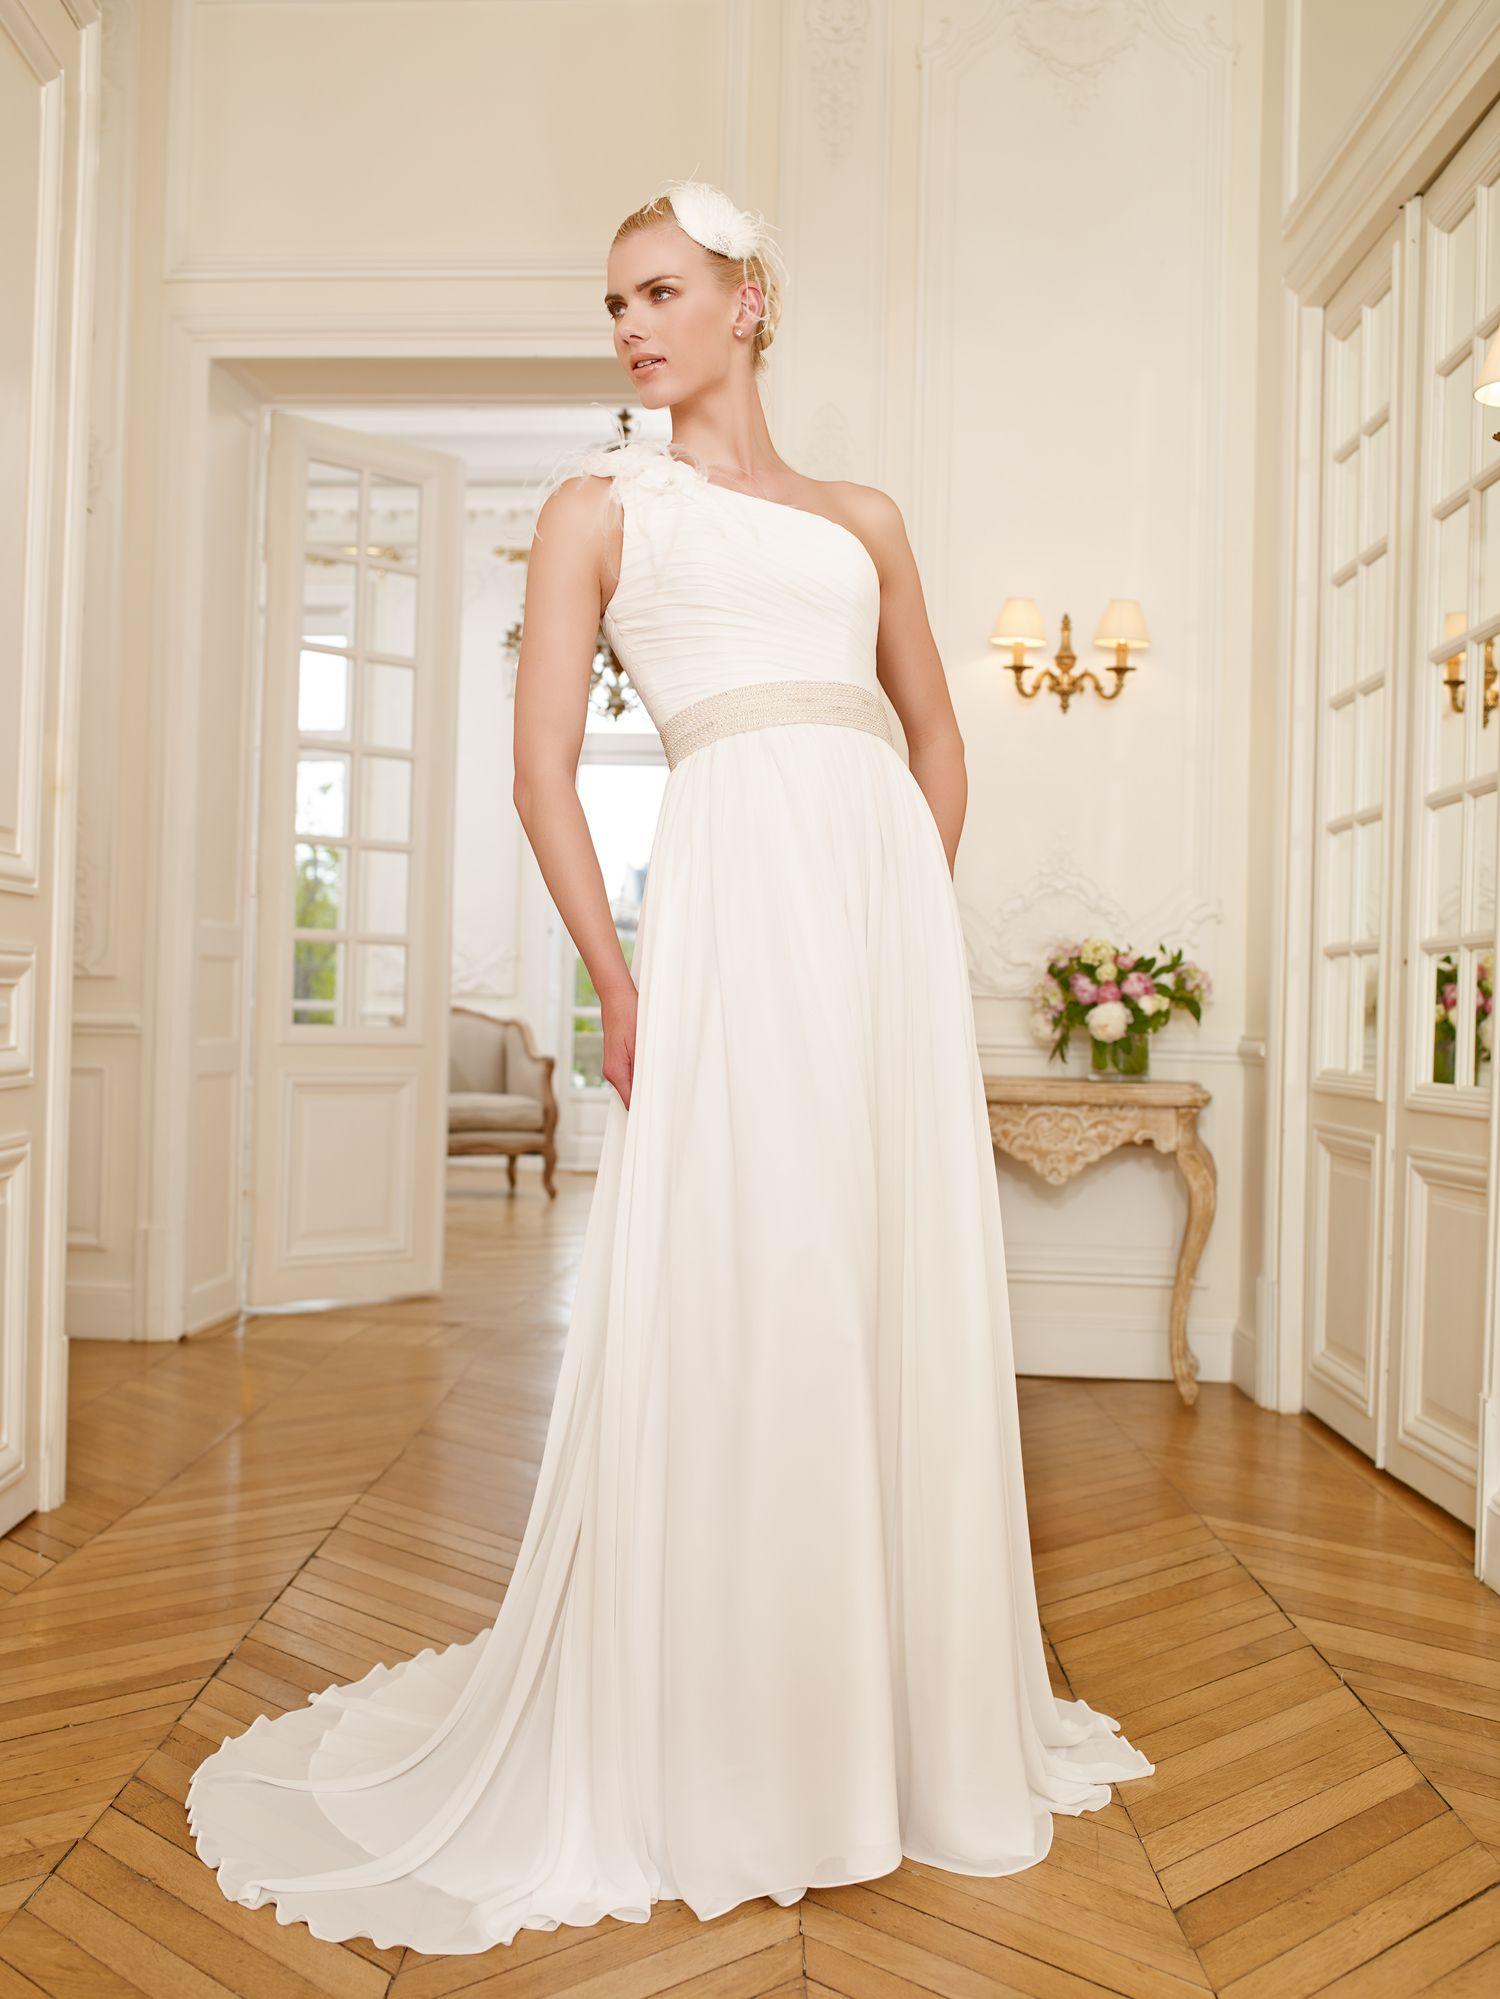 Robe de mariée MANDELE par Pronuptia collection 2015 - Robes ...